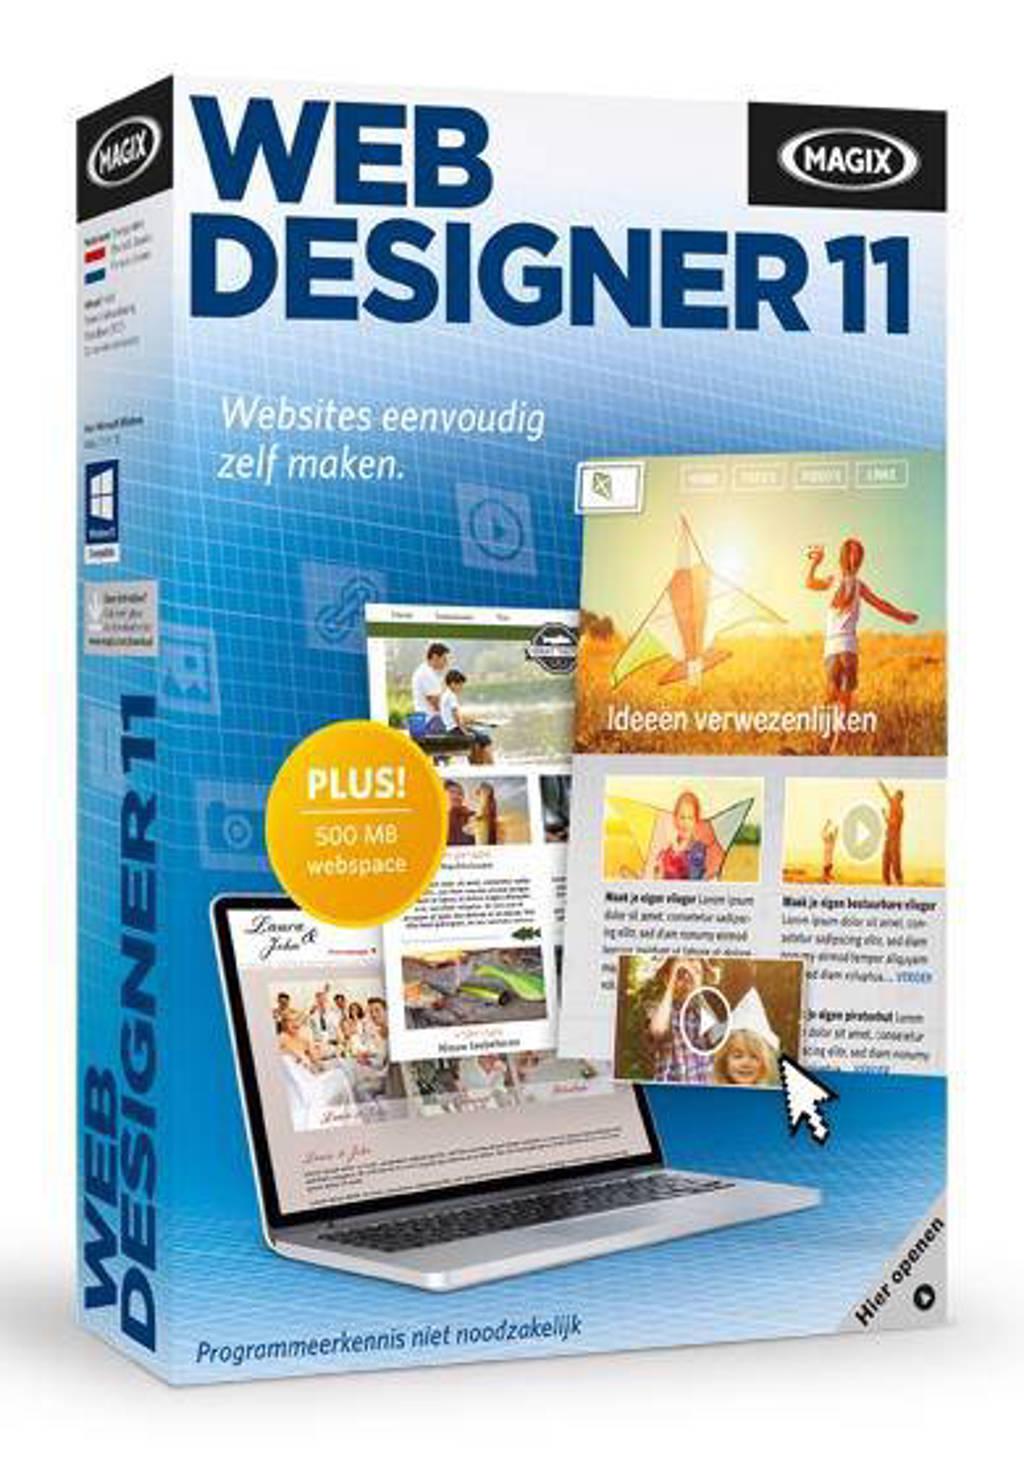 Magix web designer 11 (PC)